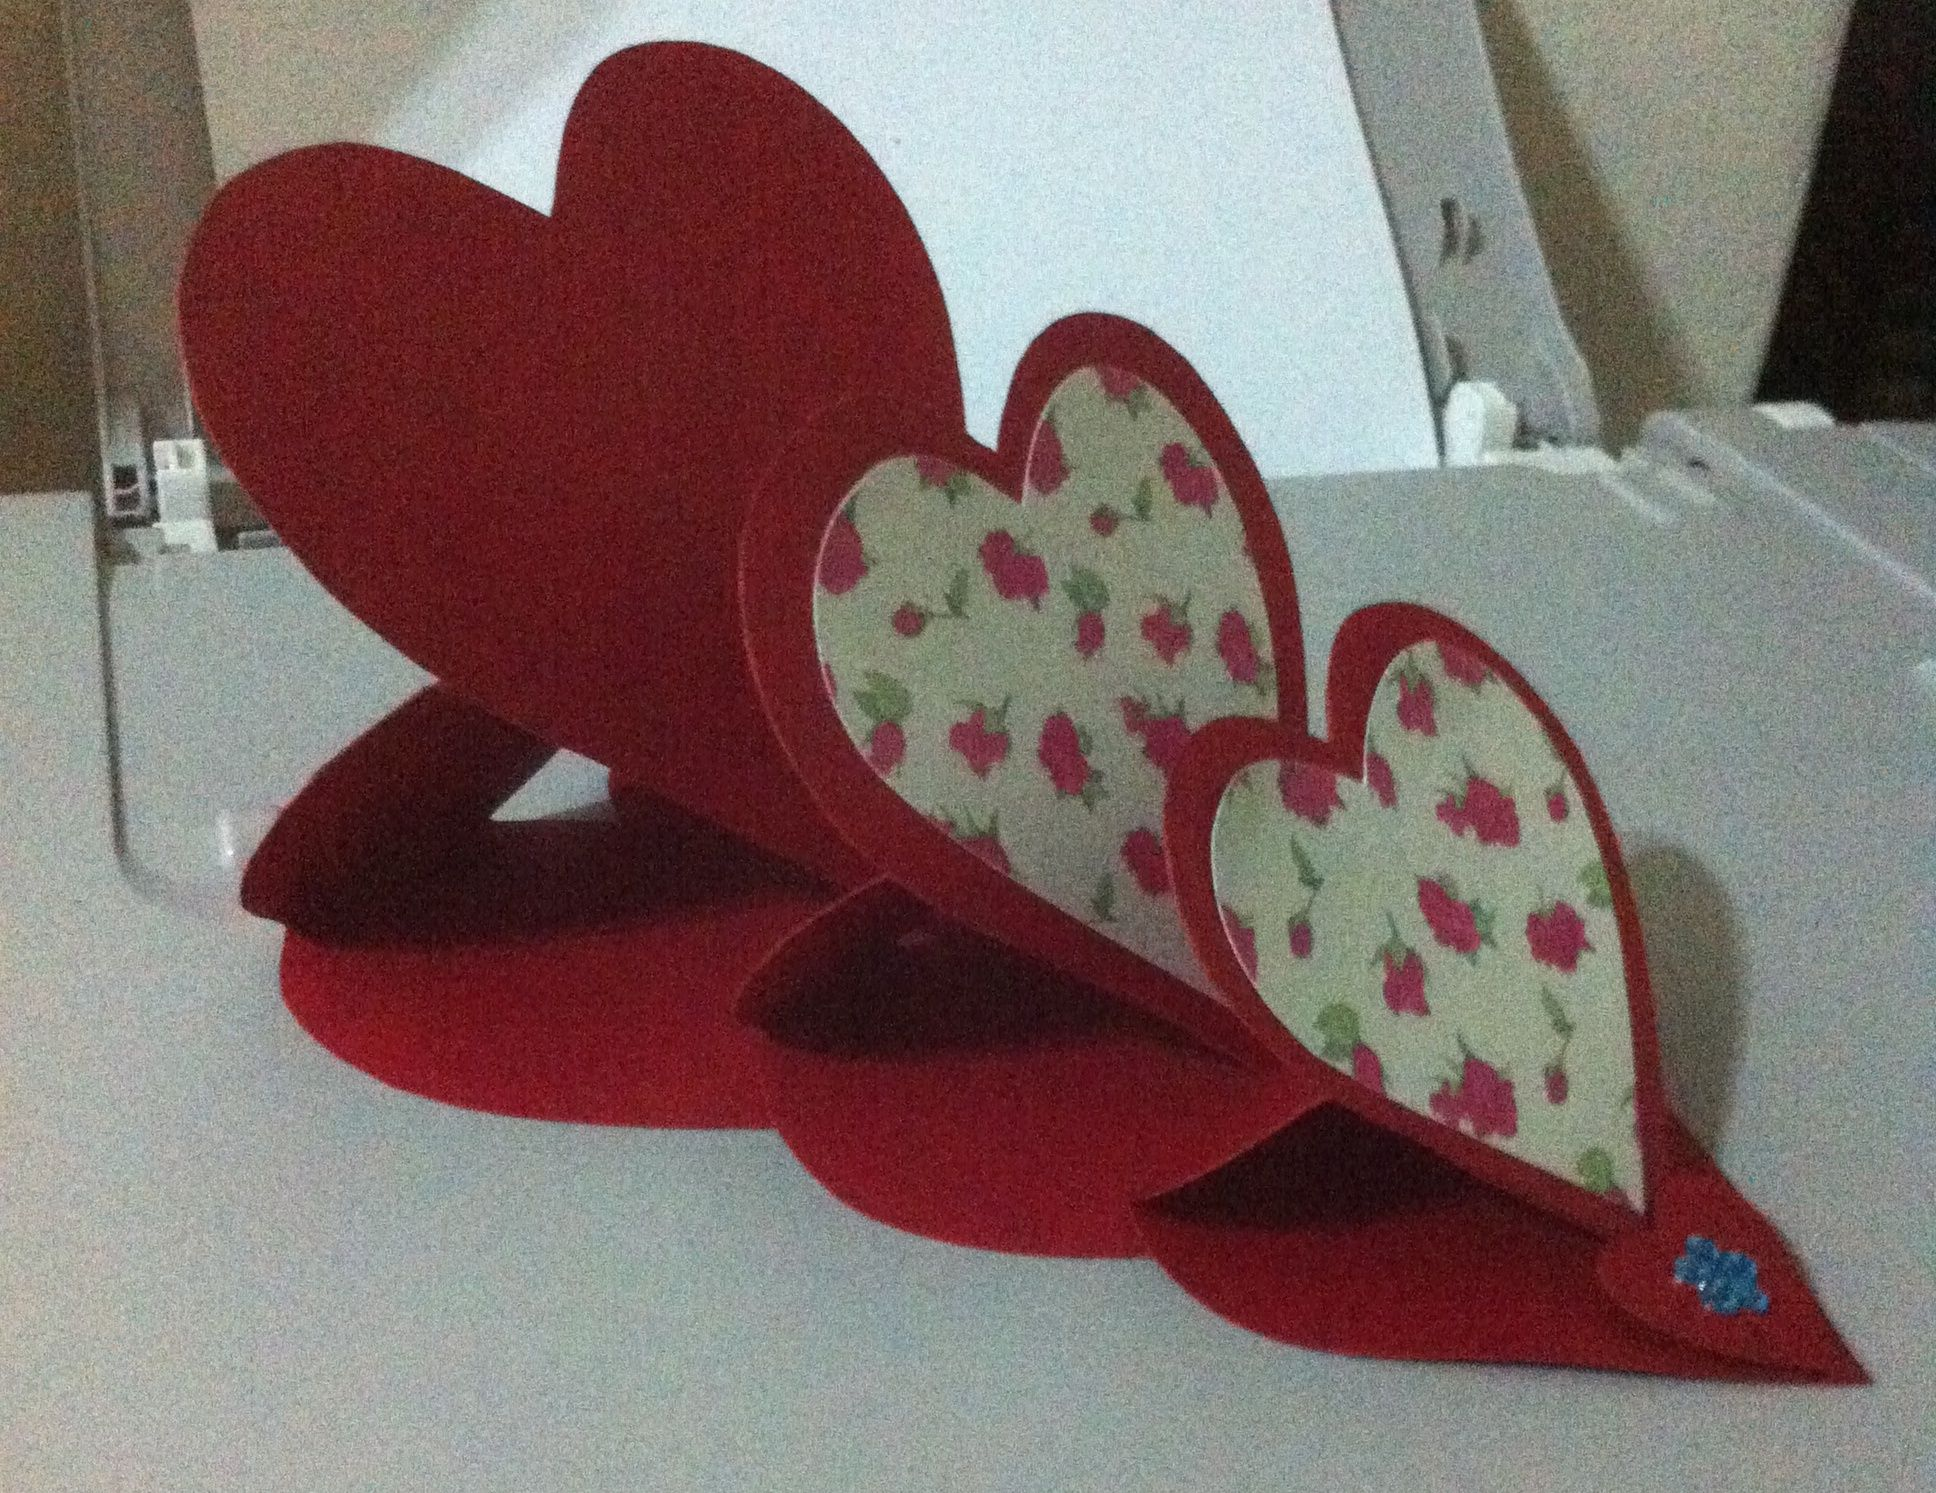 Divine Handmade Art Triple Heart Easel Cardhandmade Card